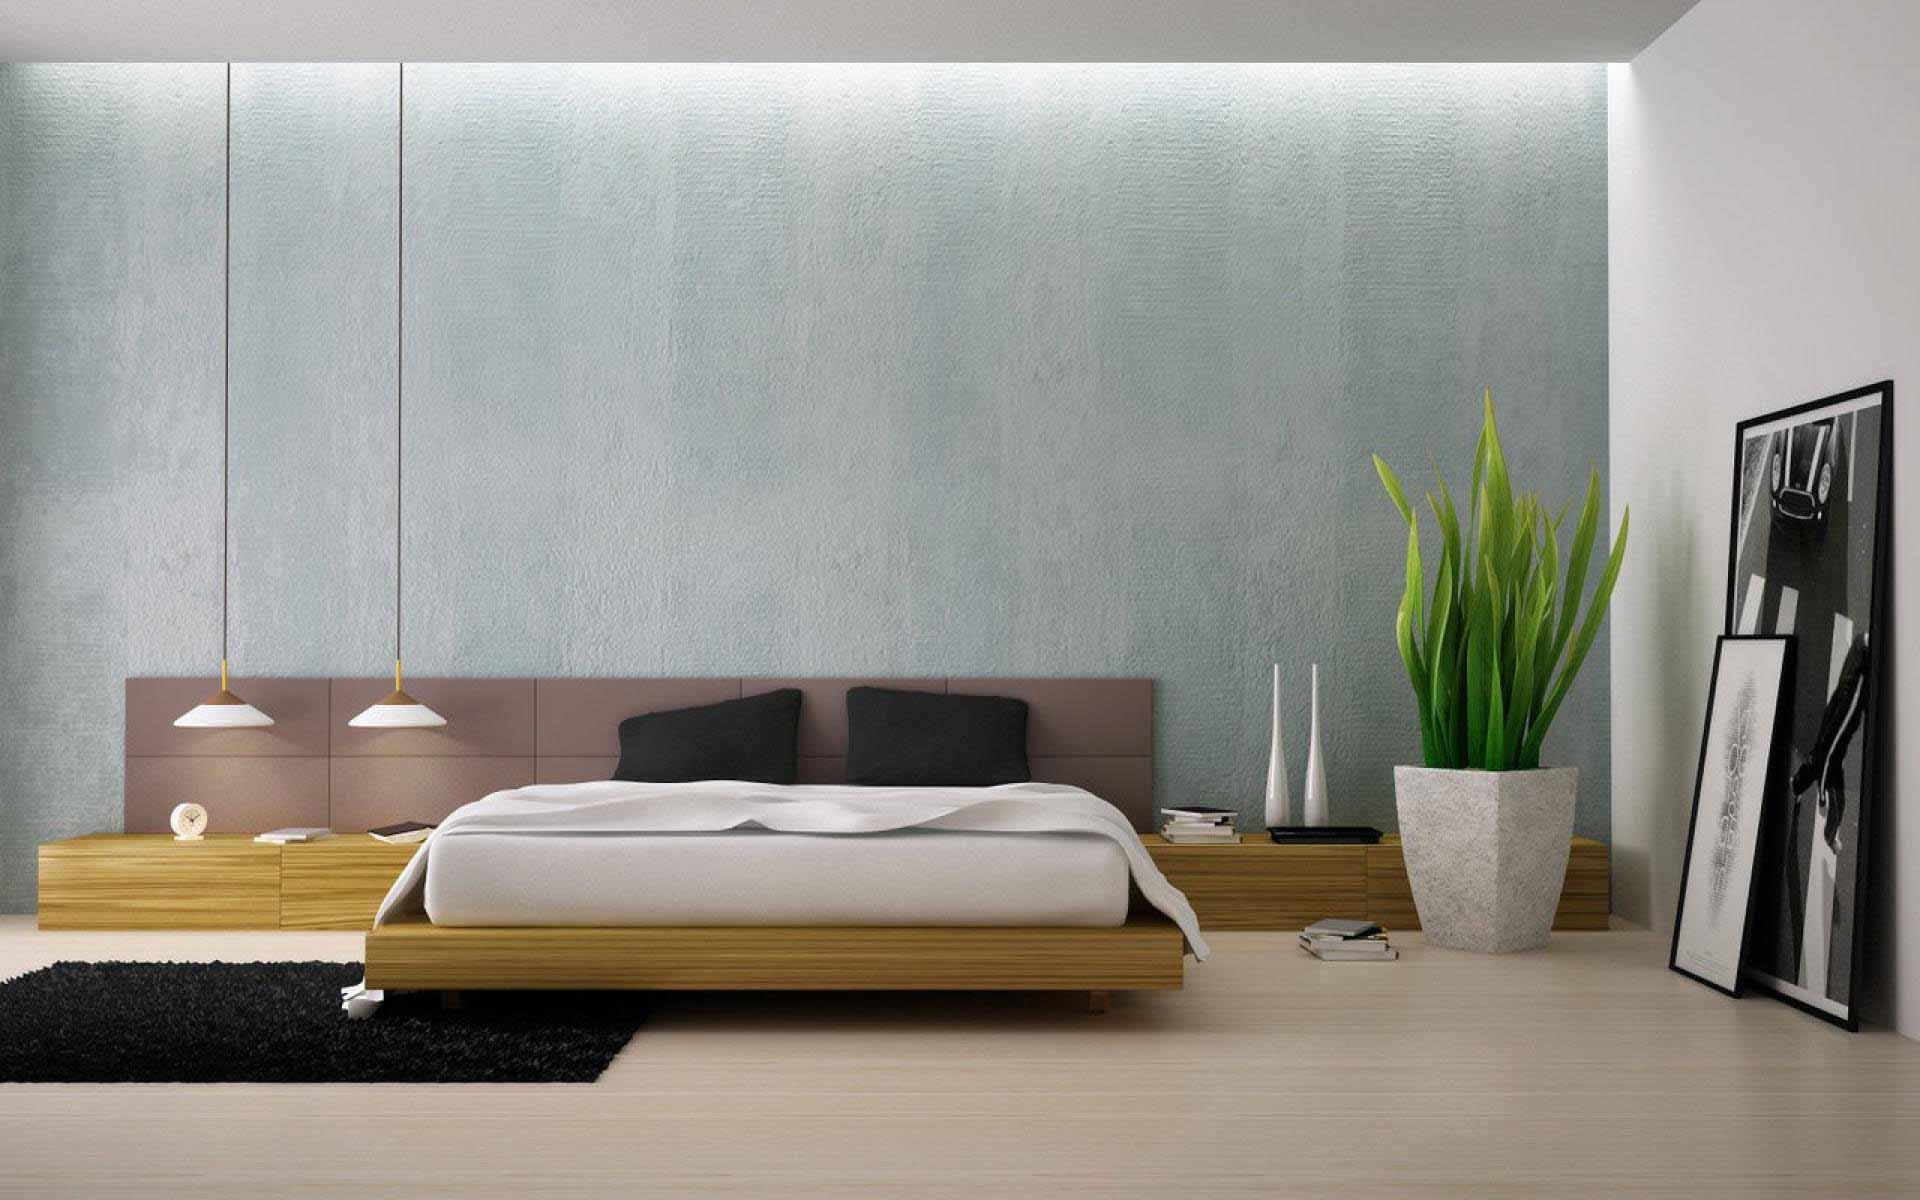 Бесподобное оформление интерьера помещения в стиле минимализм